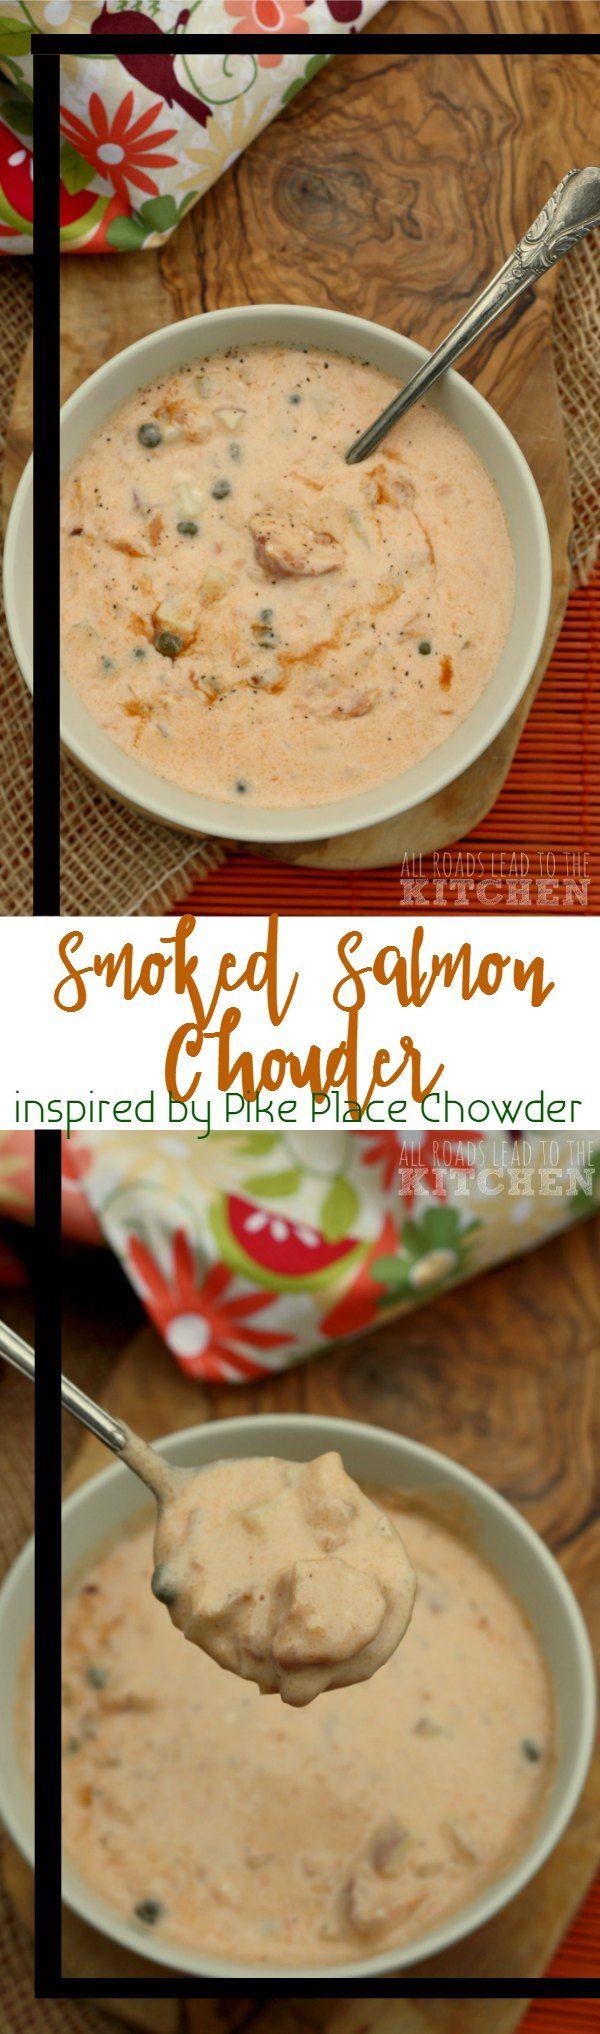 Smoked Salmon Chowder, a Pike Place Chowder copycat recipe